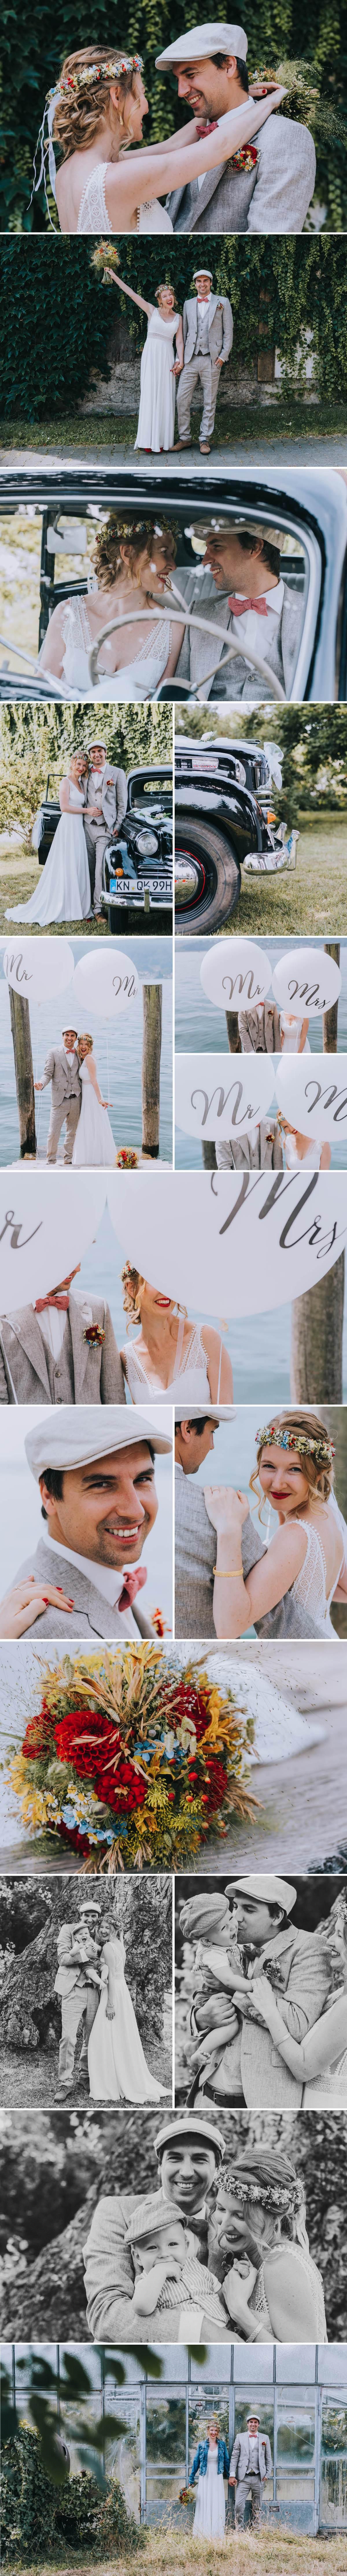 Hochzeit_Blog_Tobi_Betty_Part1-1